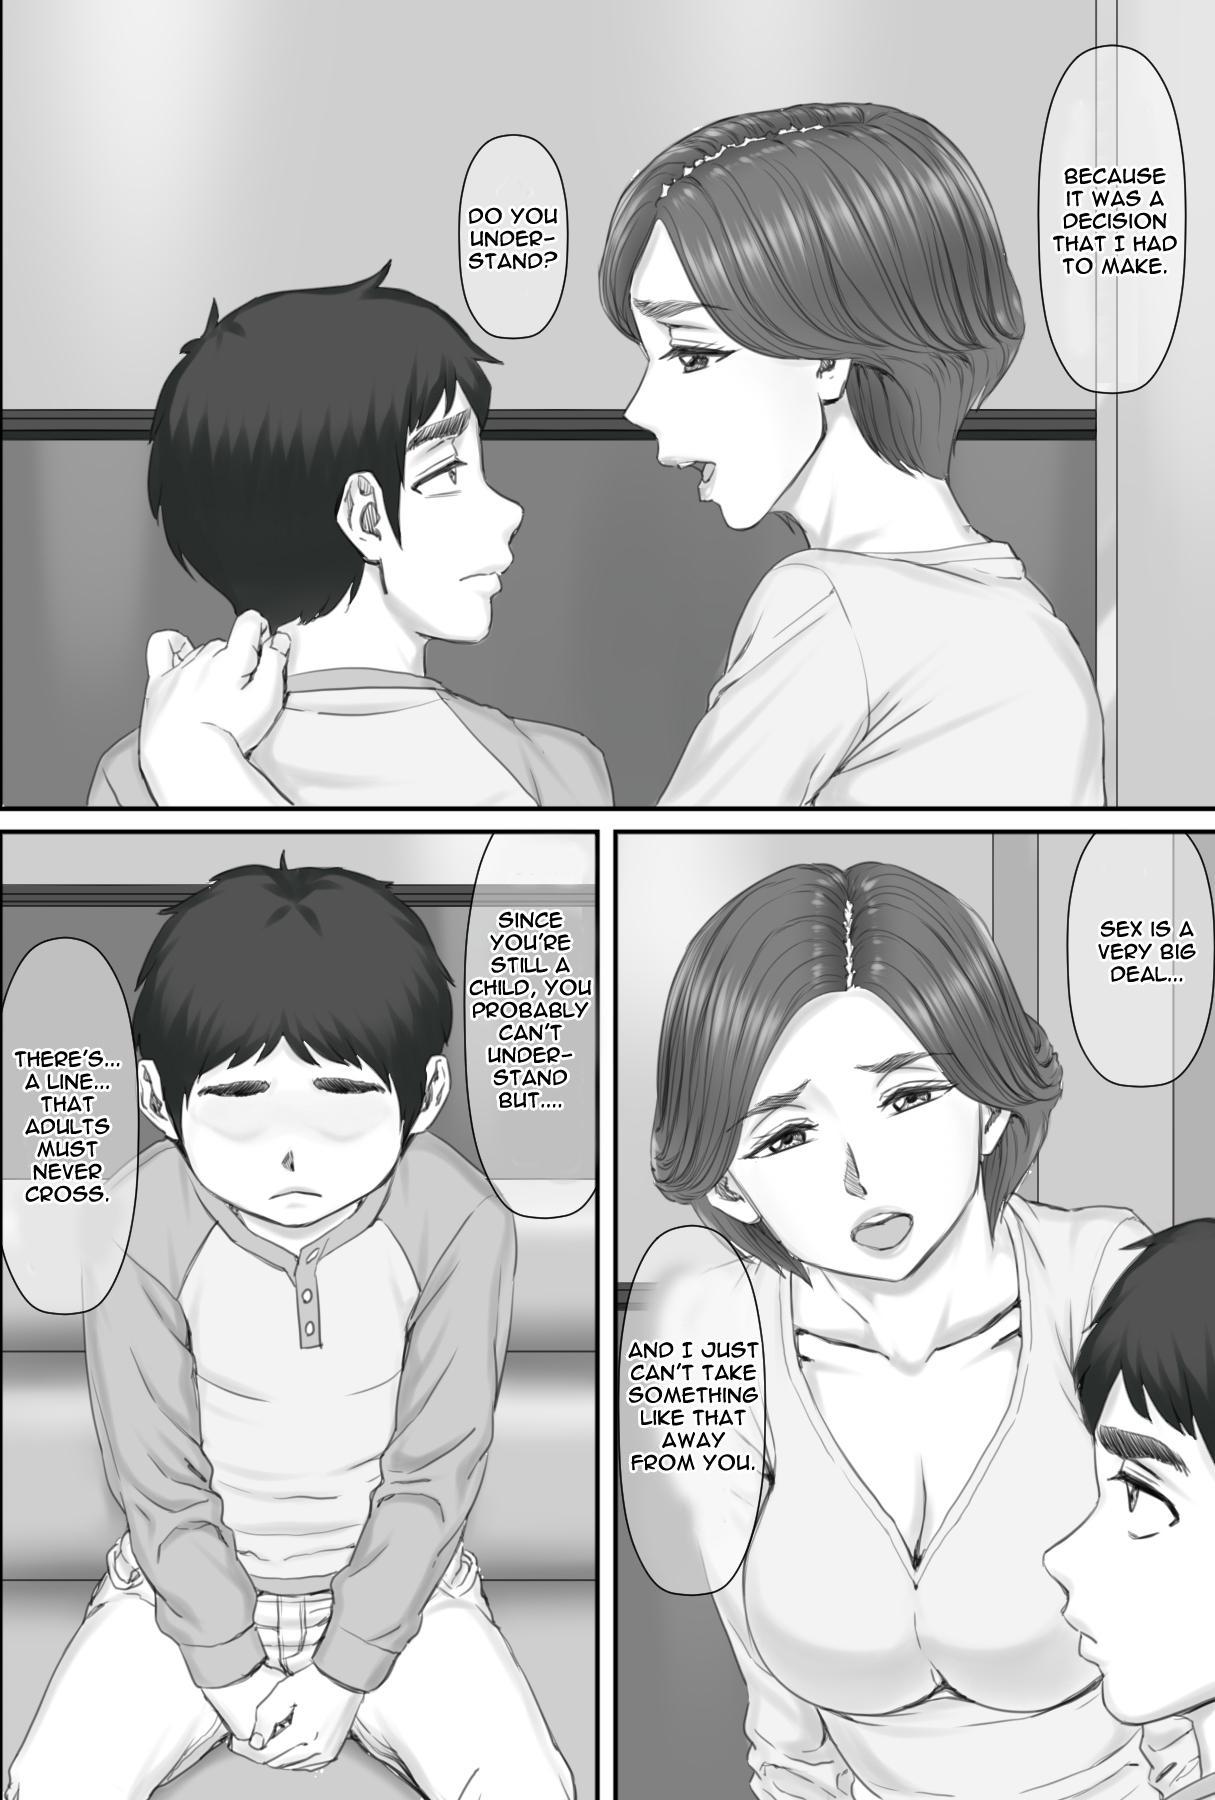 [Ponkotsu Damashii] Boku no Kanojo wa 40-sai no Hitozuma de Mama no Tomodachi | My Girlfriend is my mom's friend - A 40 year old housewife [English] [Jashinslayer] 45